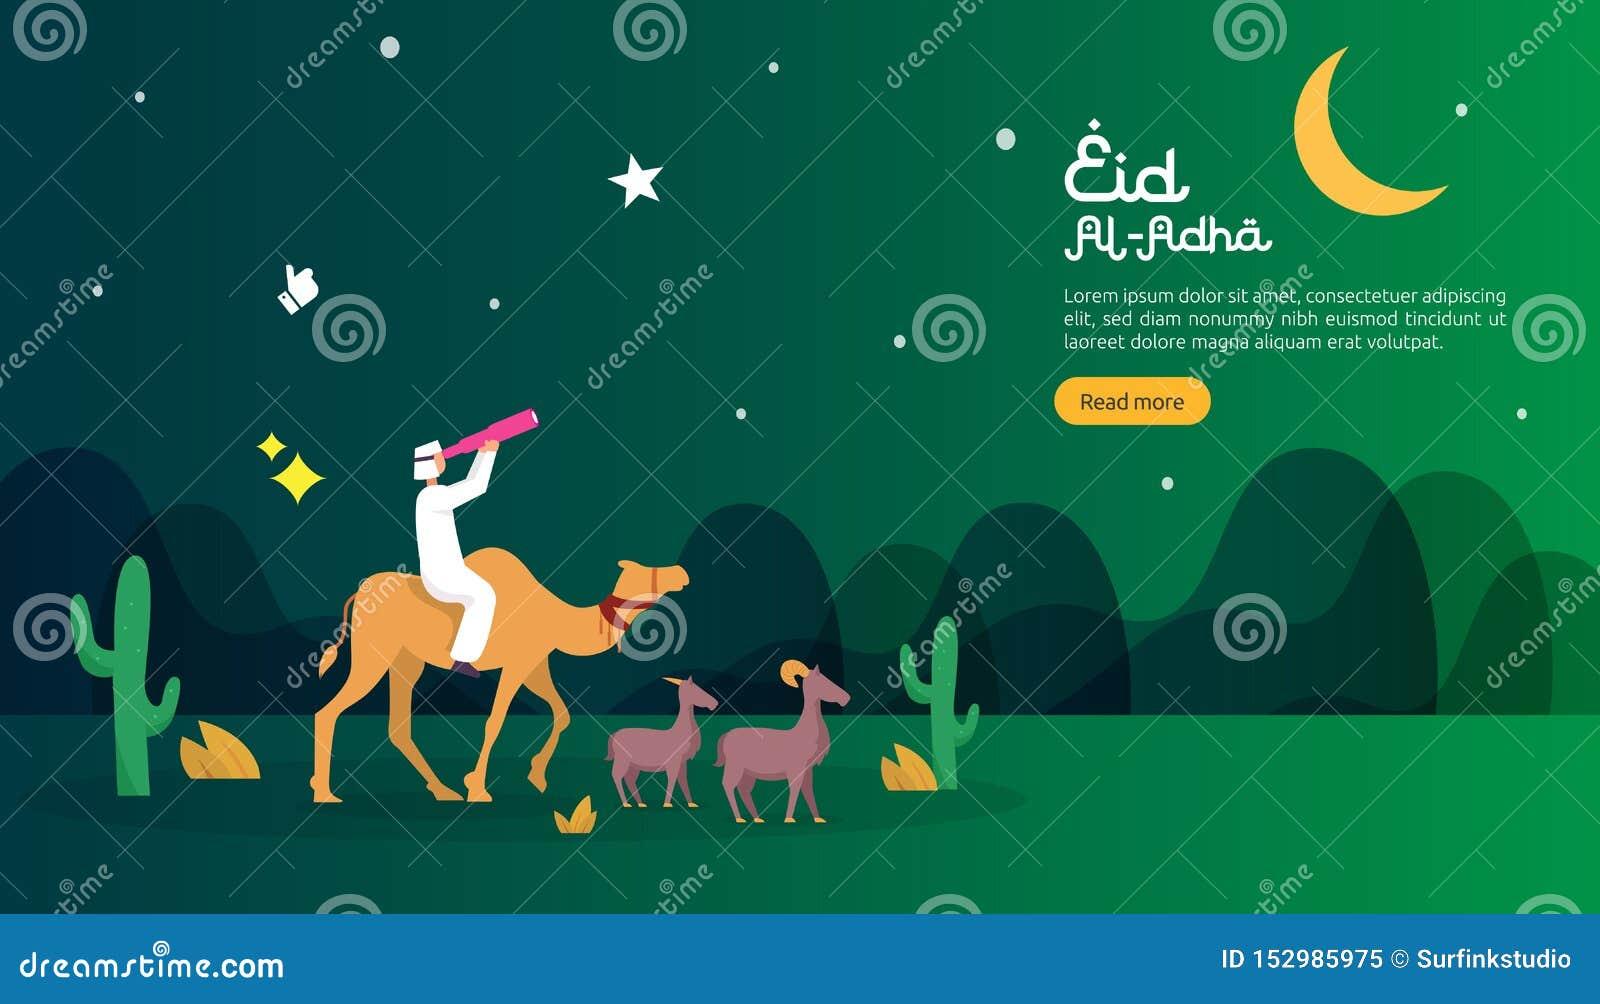 ισλαμική έννοια απεικόνισης σχεδίου για το ευτυχές adha Al eid ή γεγονός εορτασμού θυσίας με το χαρακτήρα ανθρώπων για την προσγε